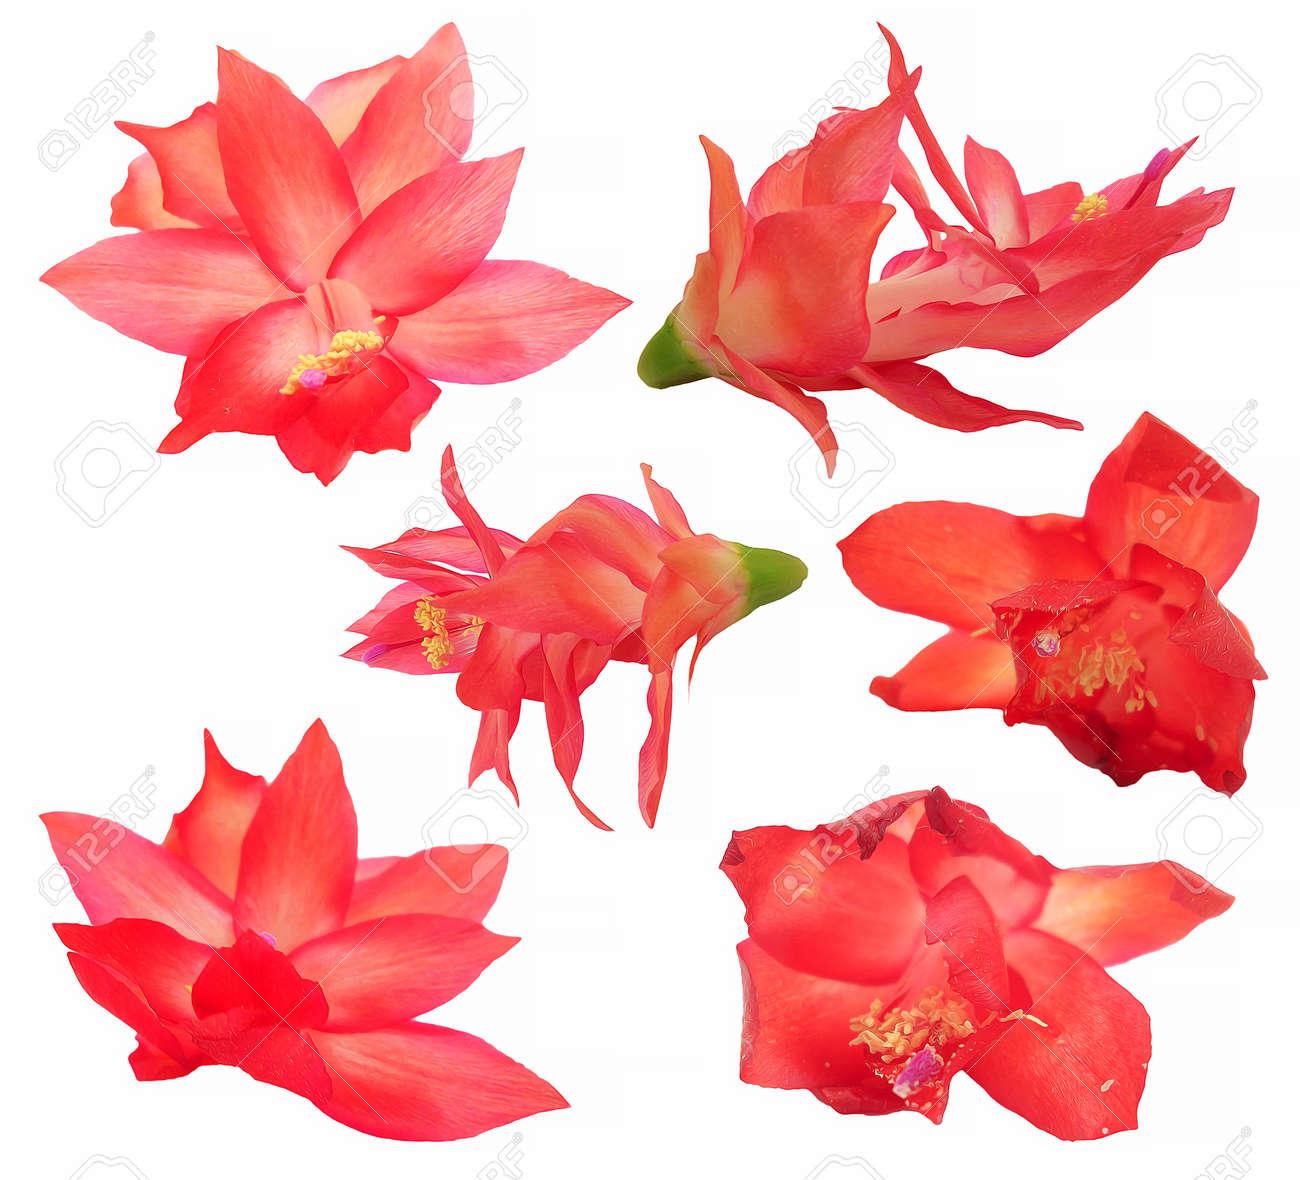 Huile Dessin Rouge Cactus Fleur Perspective Peinture Frais